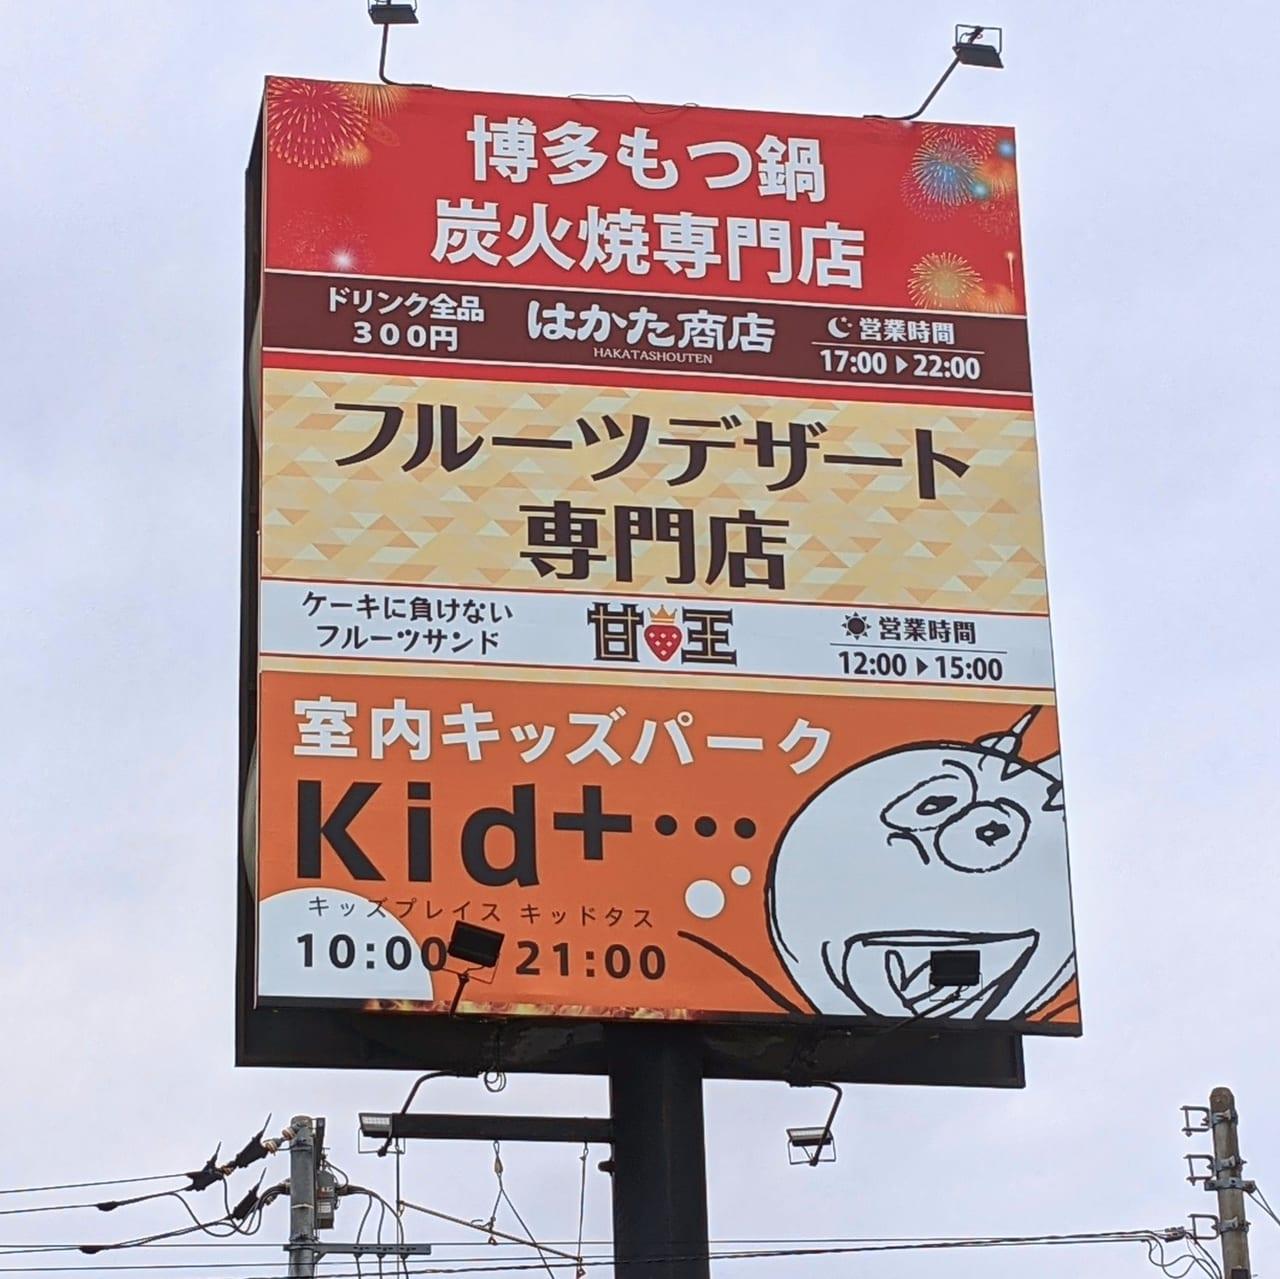 サフランの生食パンを使用したフルーツデザート専門店「甘王」が7月17日にオープン!《売切れ次第終了》